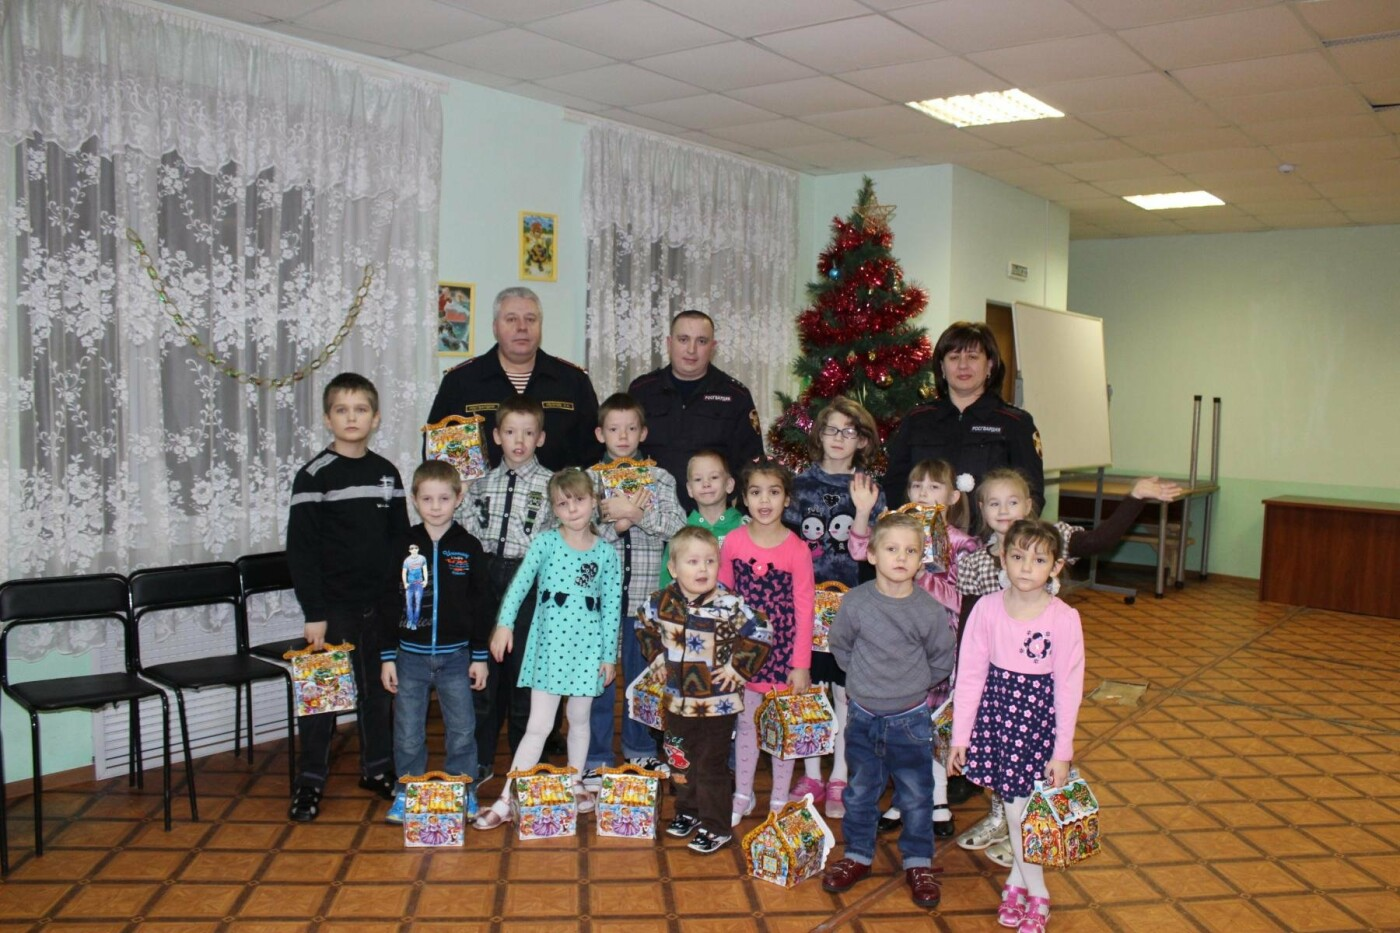 Псковские росгвардейцы поздравили воспитанников «Областного центра семьи» с наступающим Новым годом, фото-1